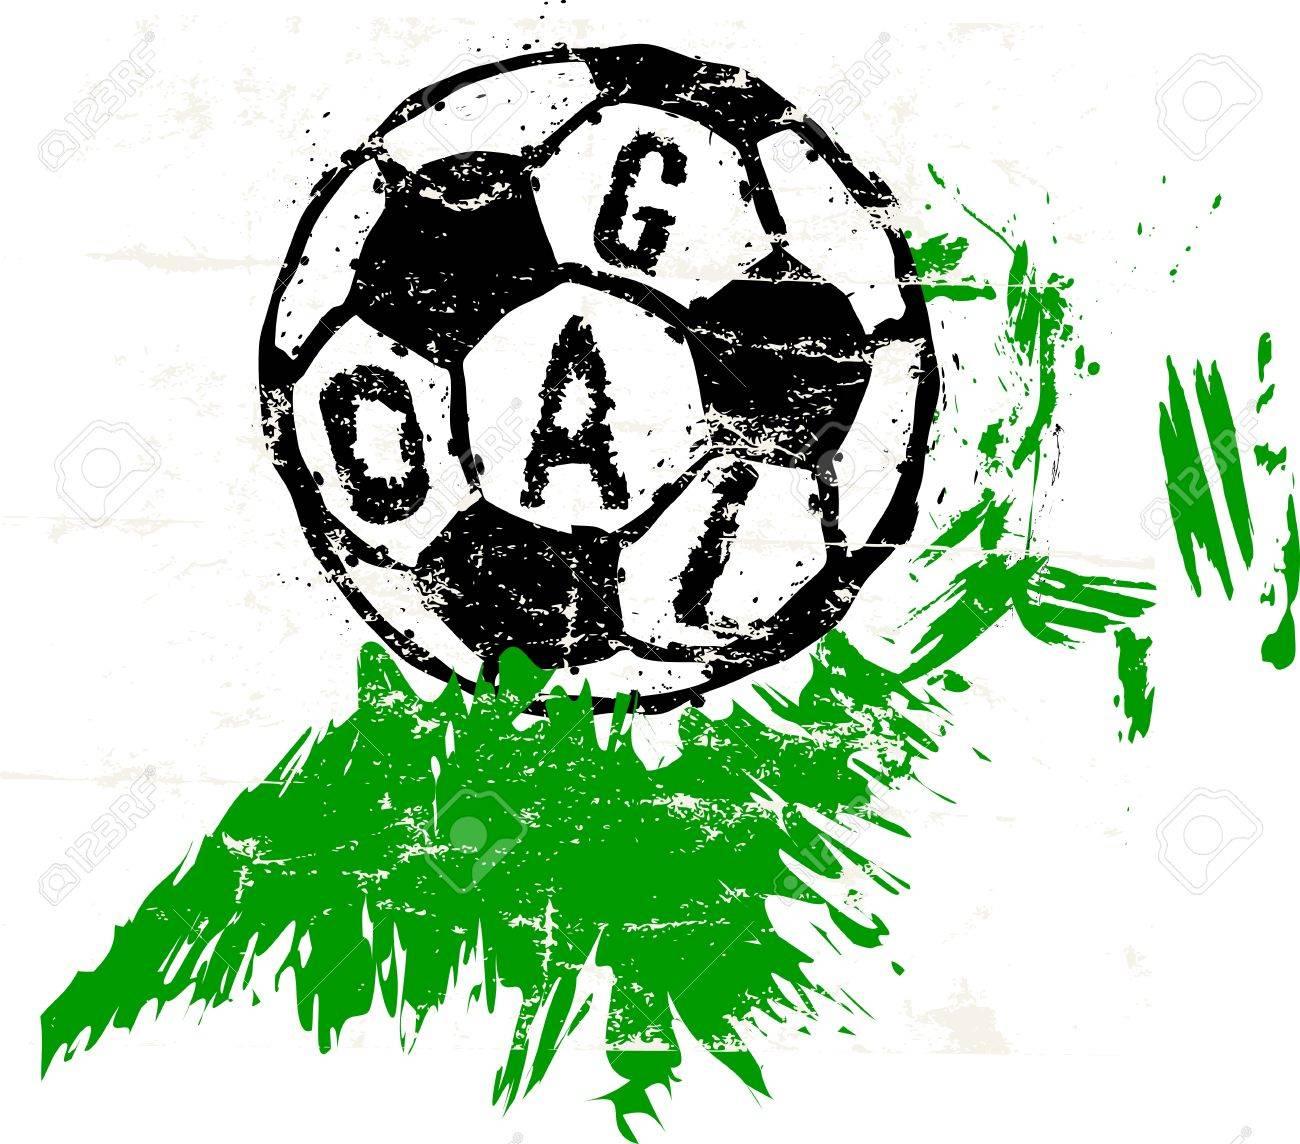 サッカー サッカー イラスト無料コピー スペースのイラスト素材ベクタ